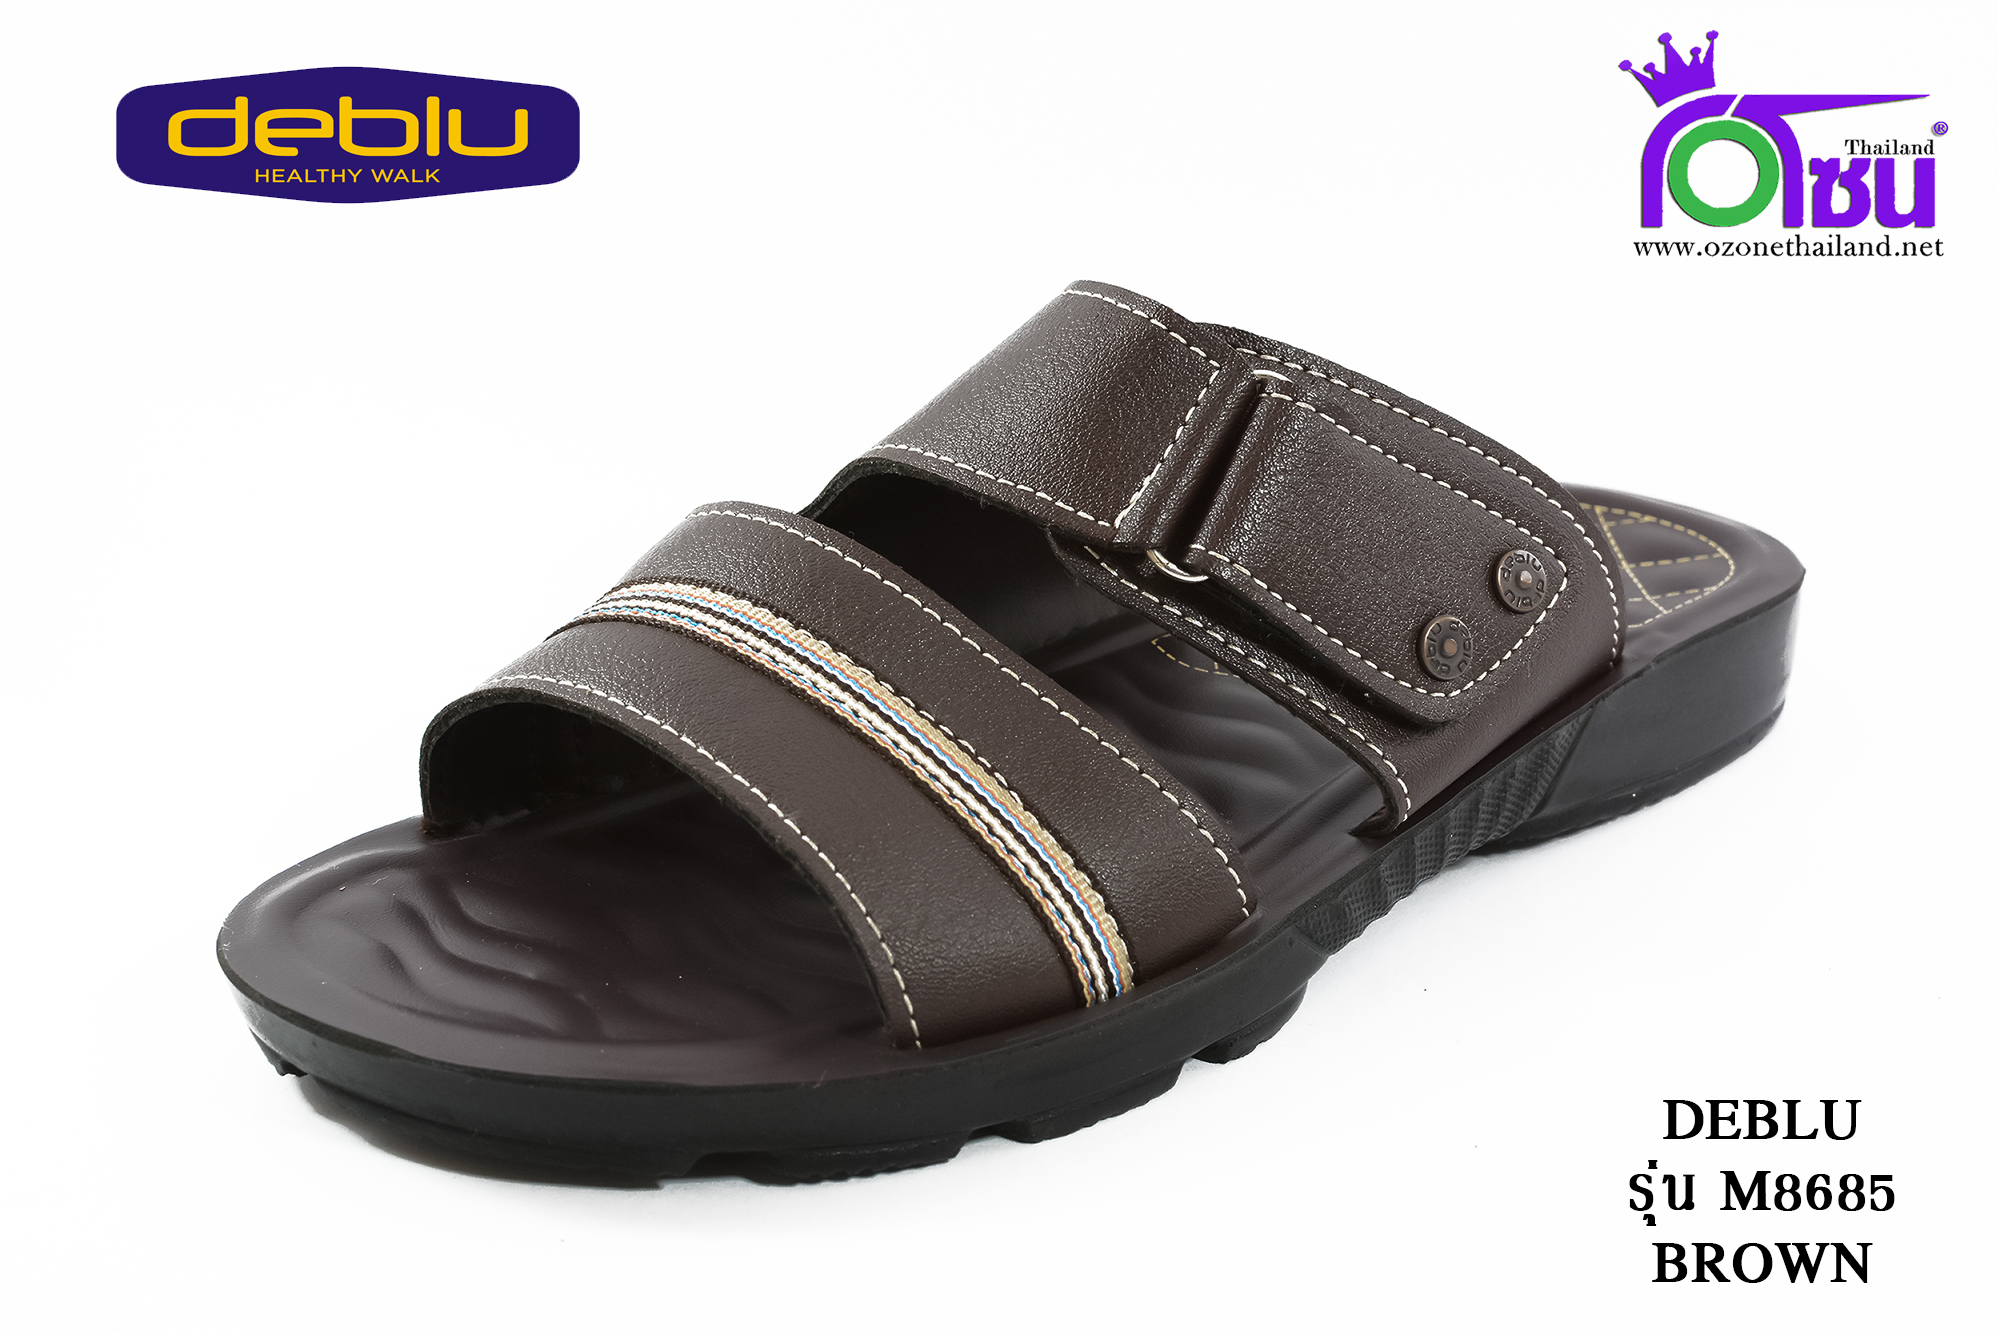 รองเท้าเพื่อสุขภาพ DEBLU เดอบลู รุ่น M8685 สีน้ำตาล เบอร์ 39-44